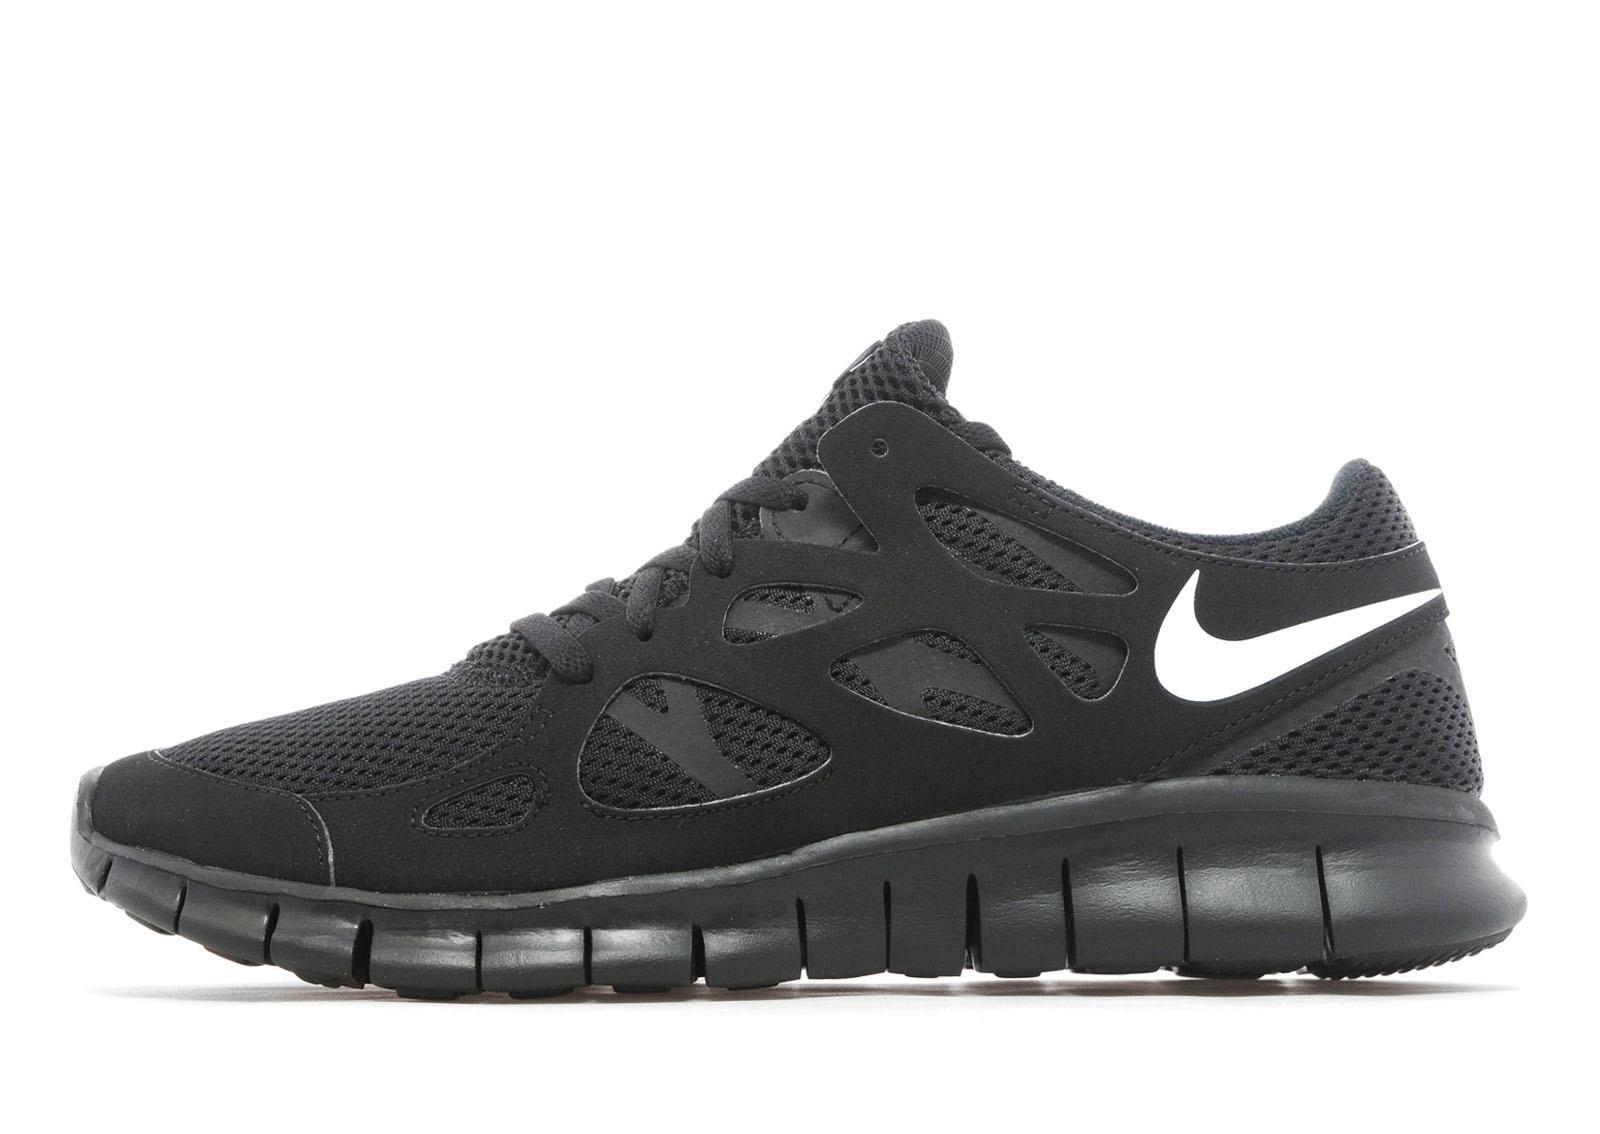 commercialisable à vendre réductions Nike Free Run 2 Mens Noir jeu fiable uP9n3ynHp